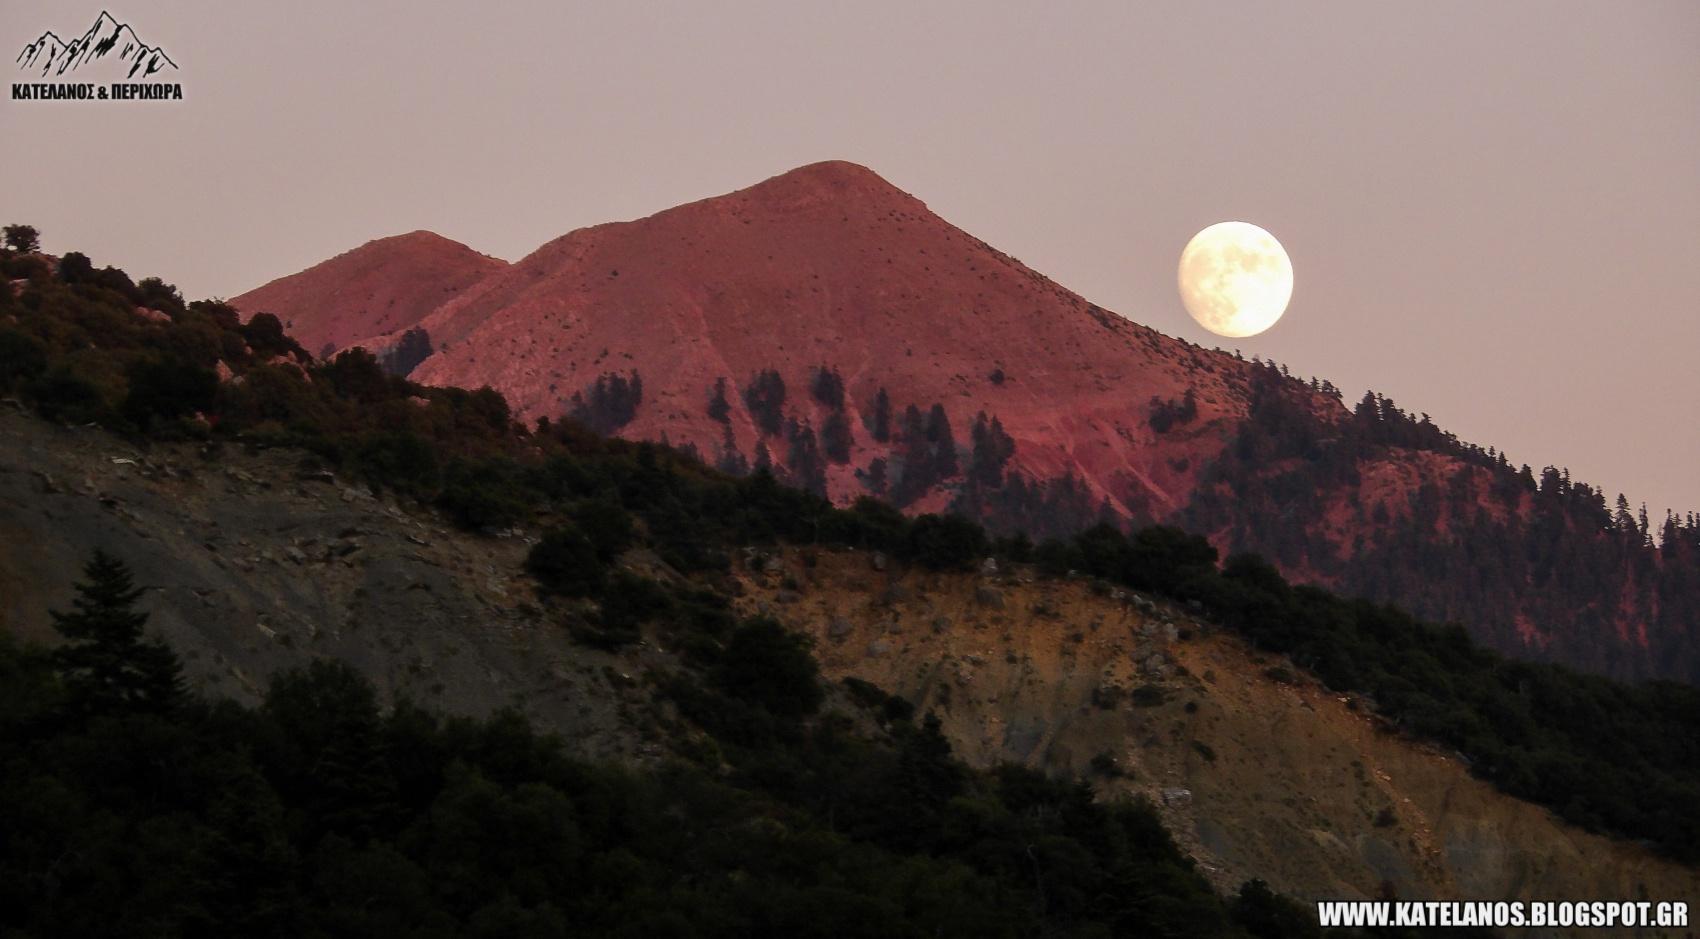 σεληνιακο τοπιο βουνοκορφη κεδρος παναιτωλικο ορος